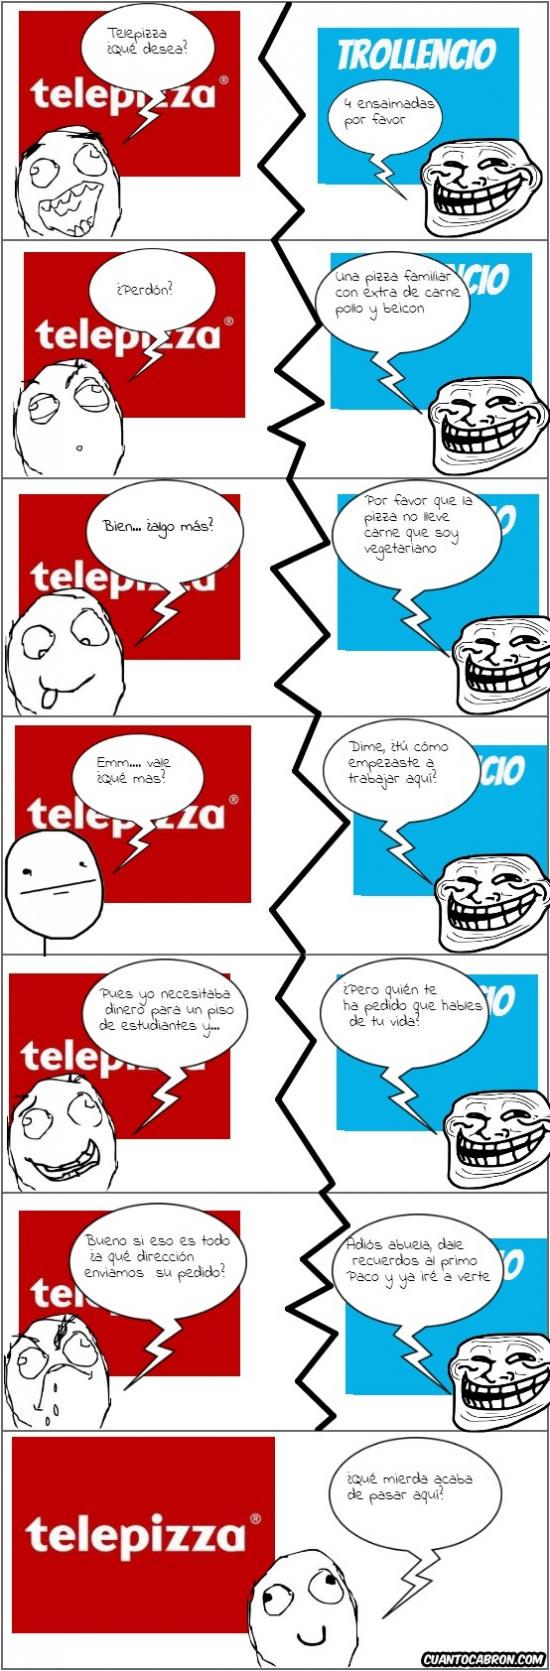 conversacion random,pizzero,telepizza,this is fucking awesome,troll